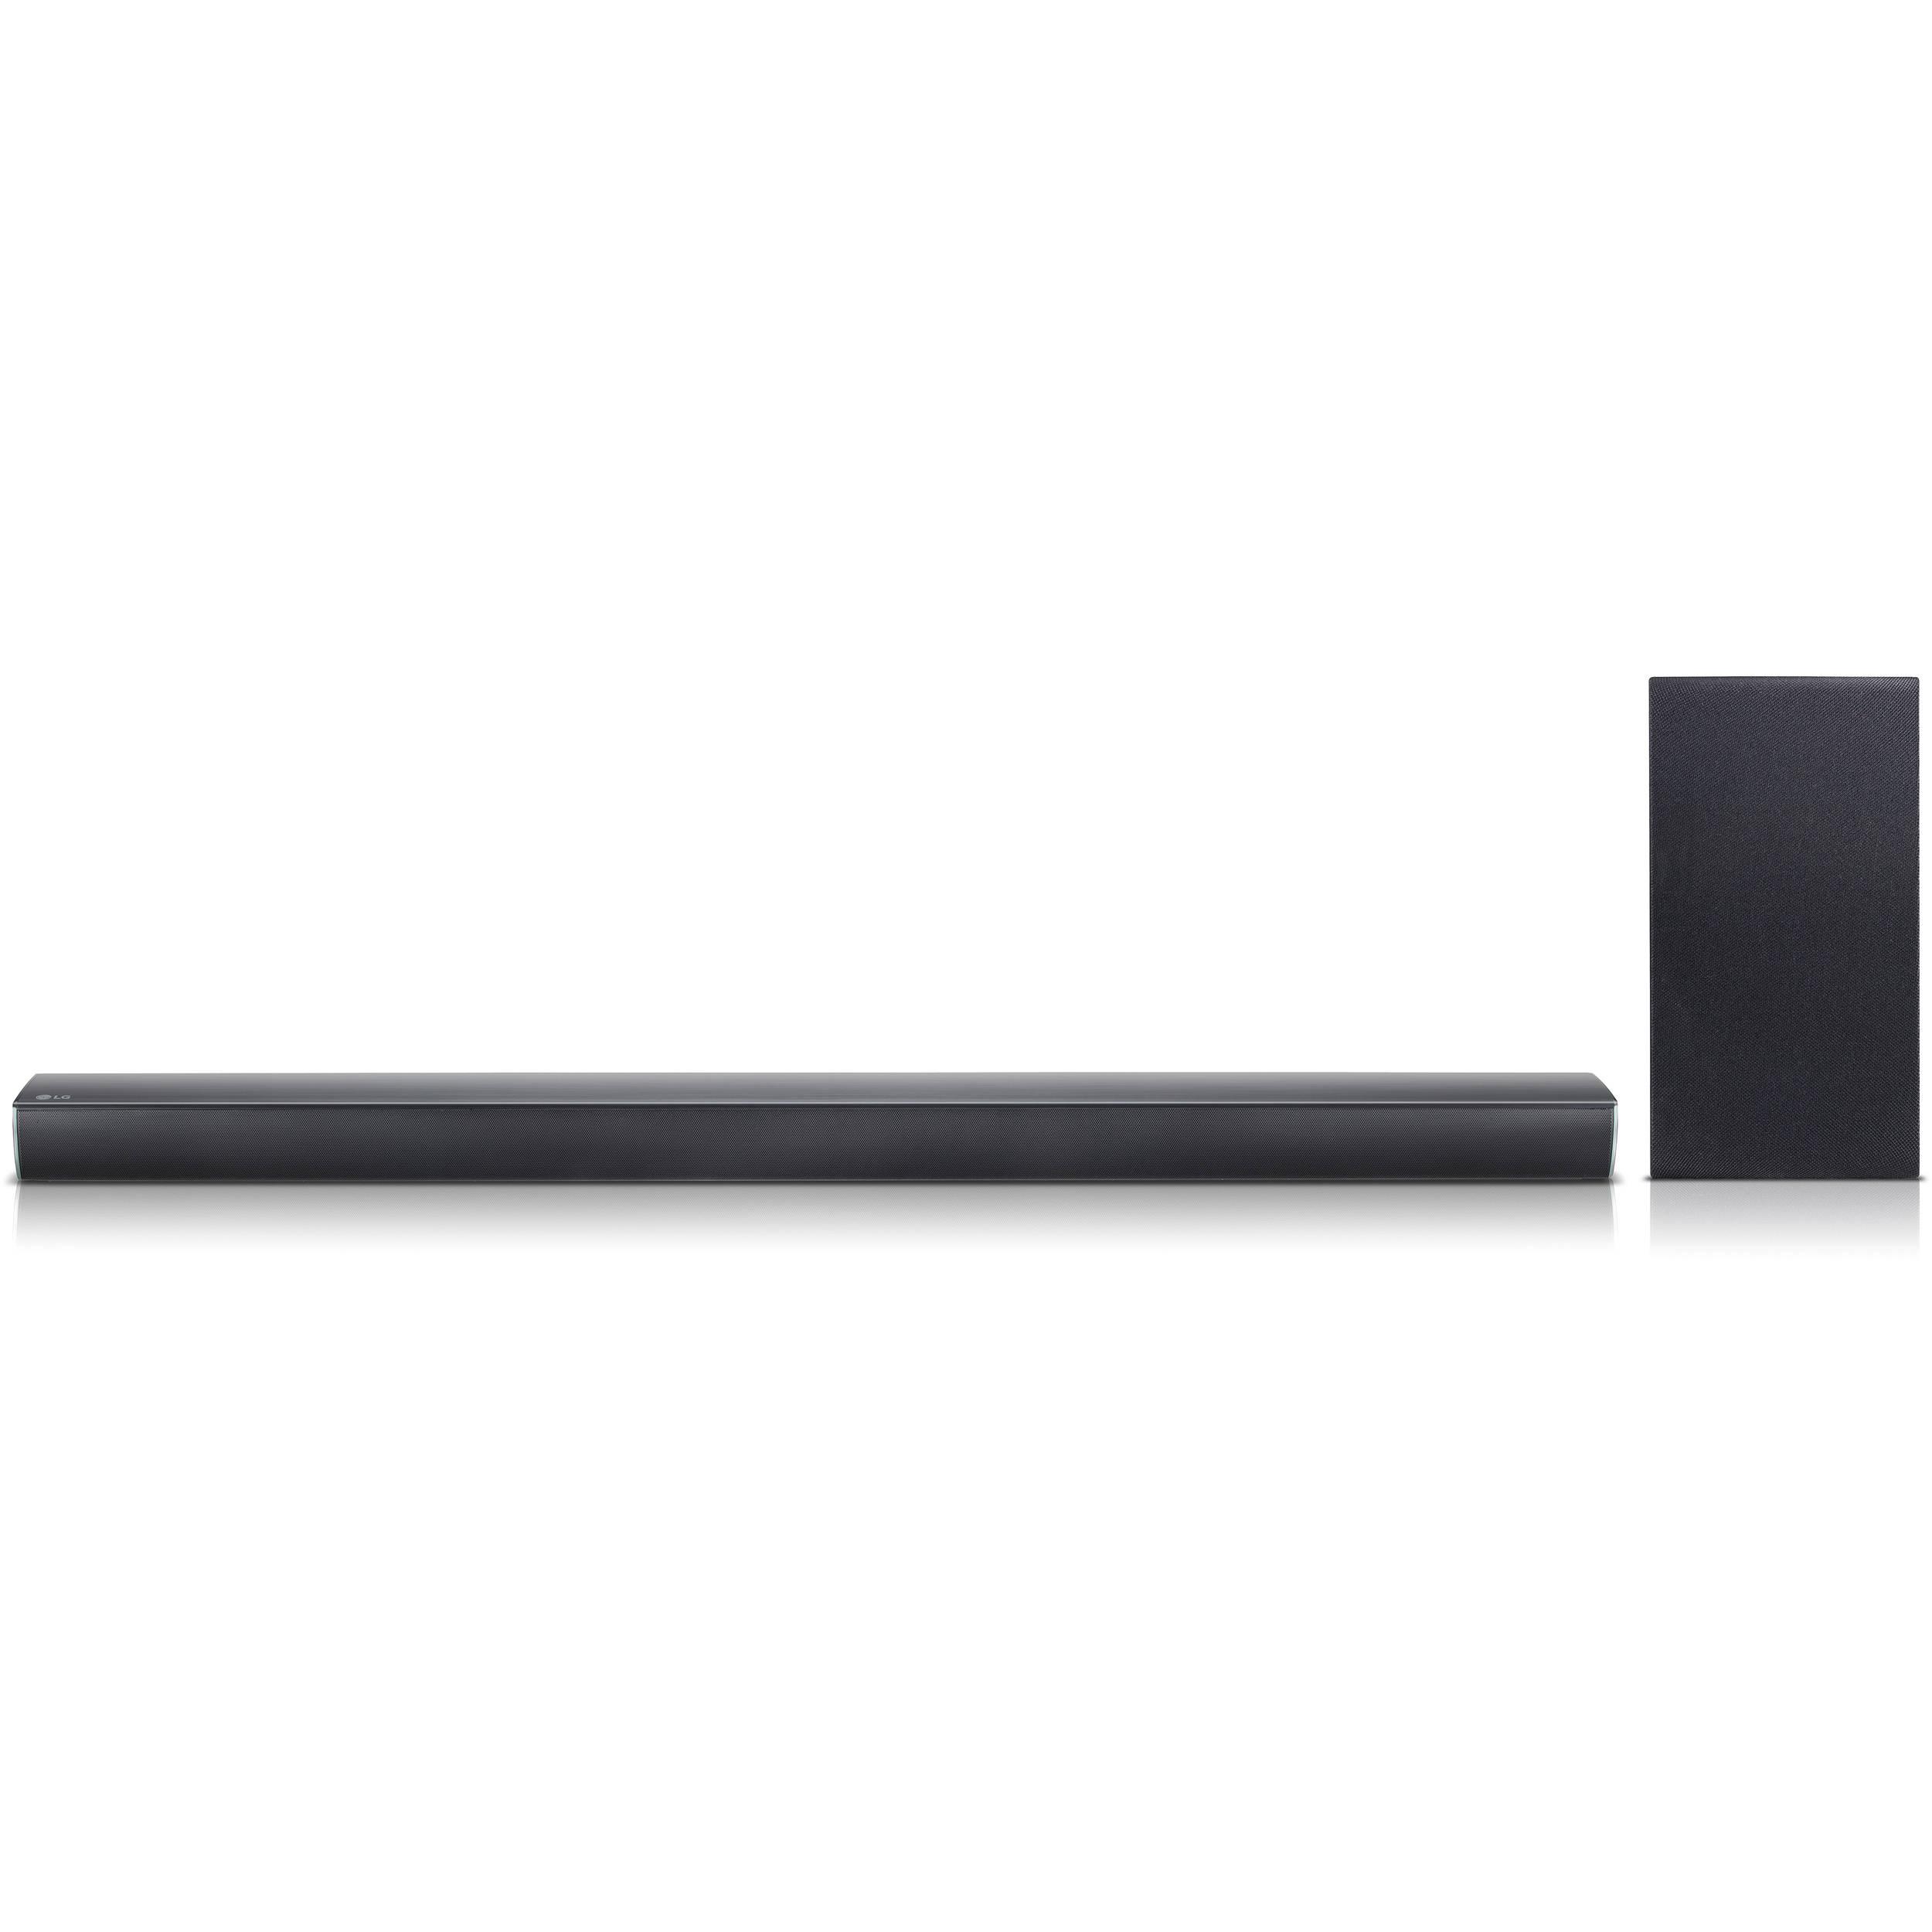 LG SJ4Y-S 300W 2 1-Channel Soundbar System